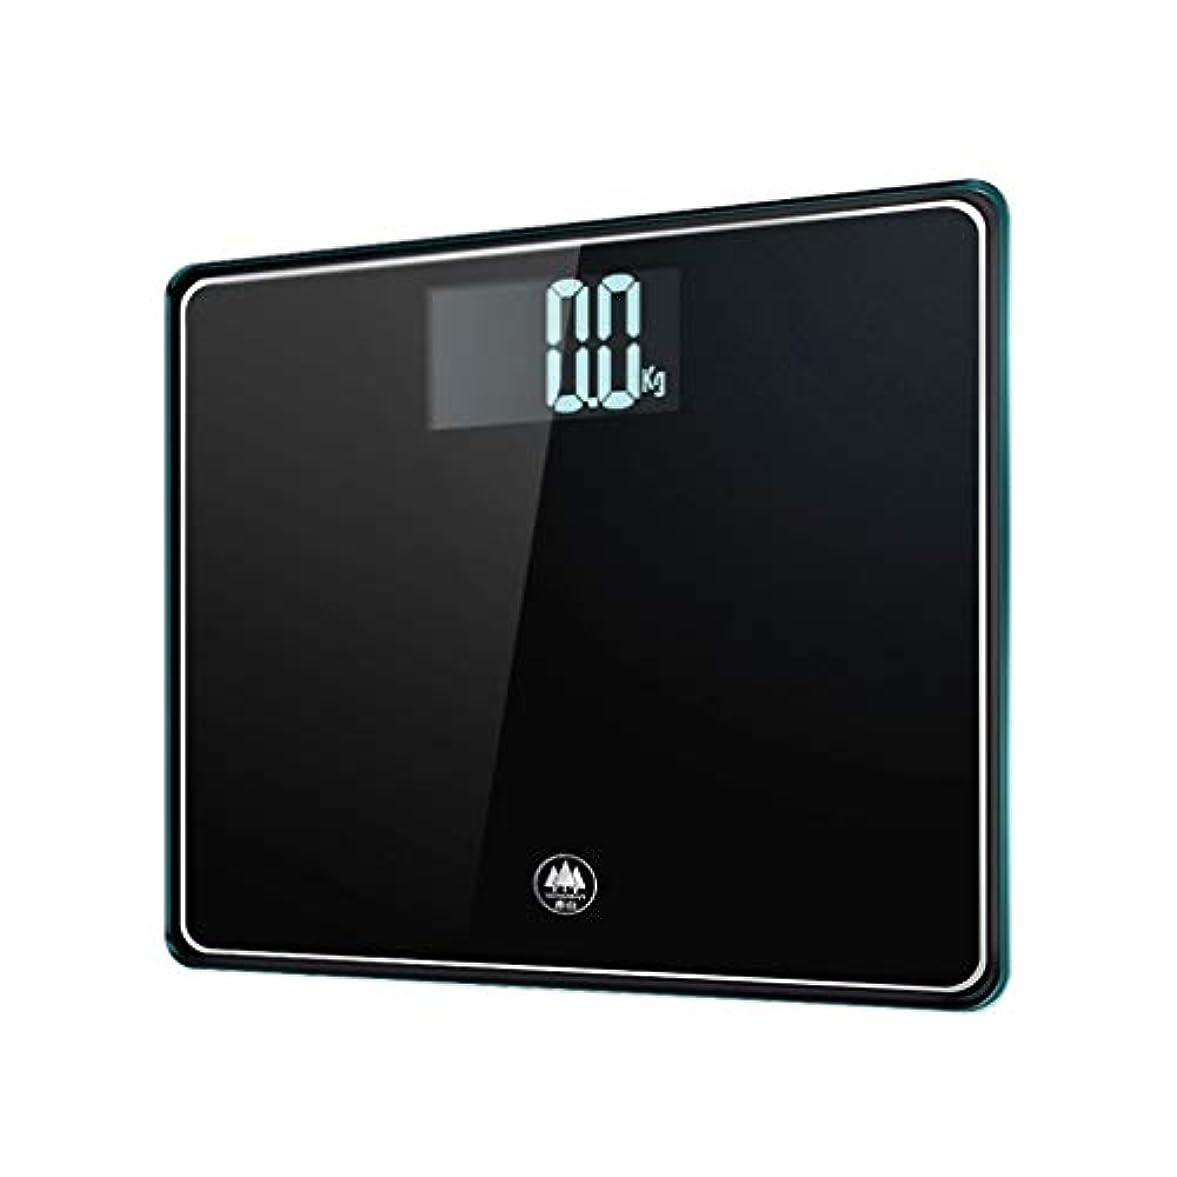 証書委託センサー電子スケール、家庭用電子重量スケール、健康スケール大人用電子スケール